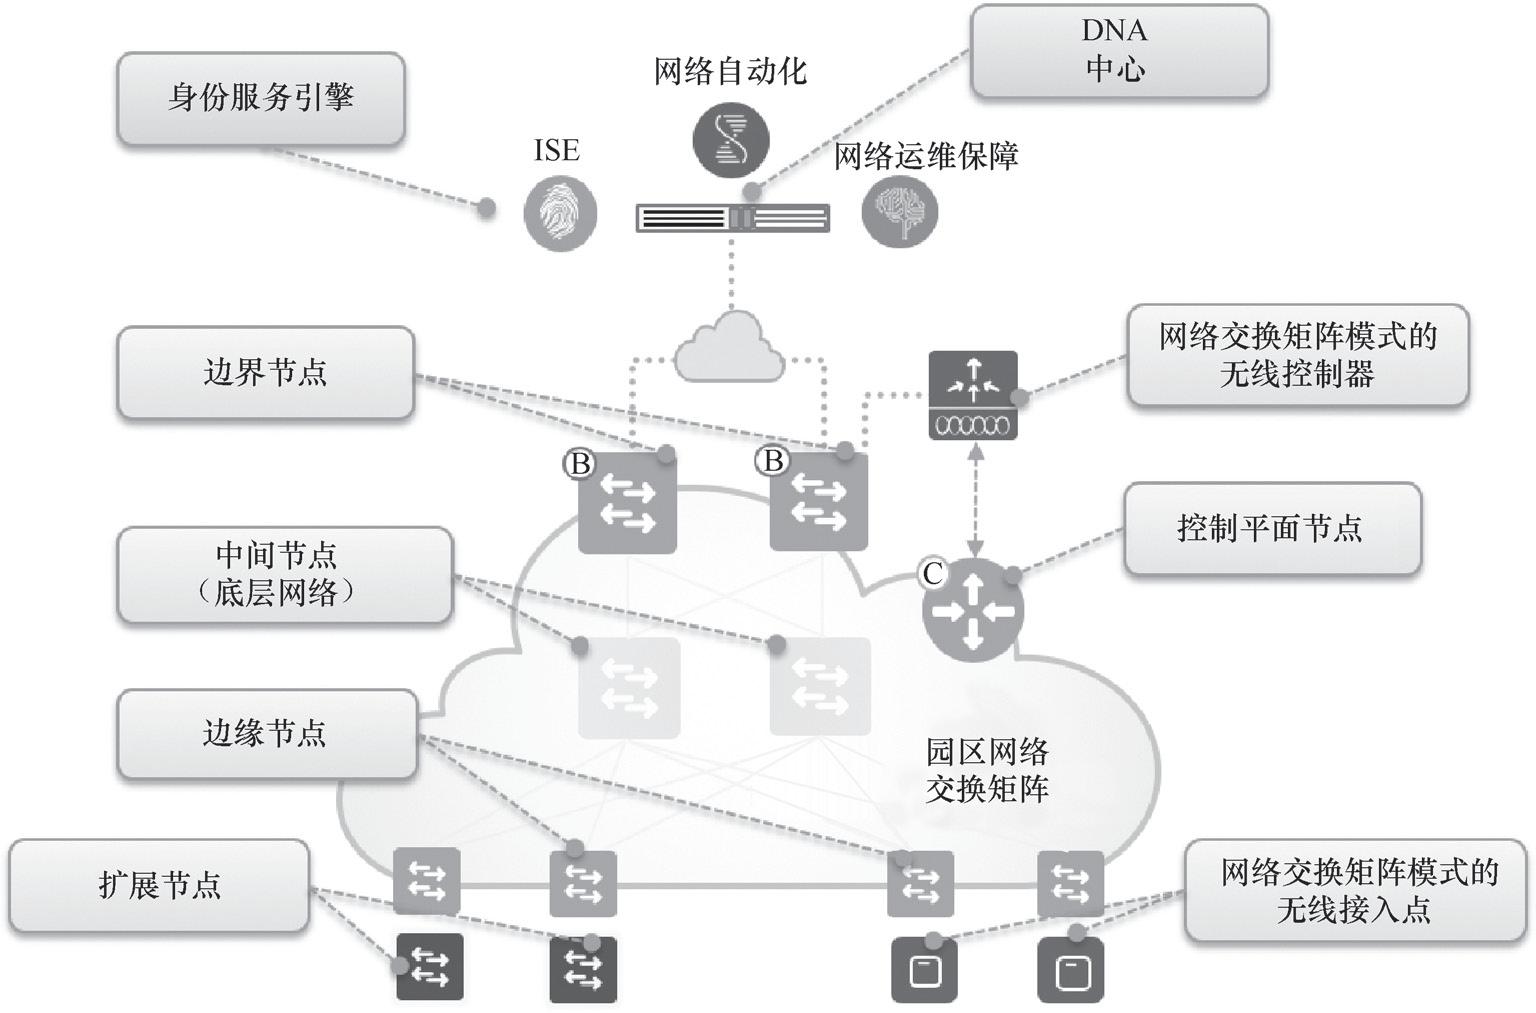 带你读《思科软件定义访问 : 实现基于业务意图的园区网络》第二章软件定义访问体系结构2.23